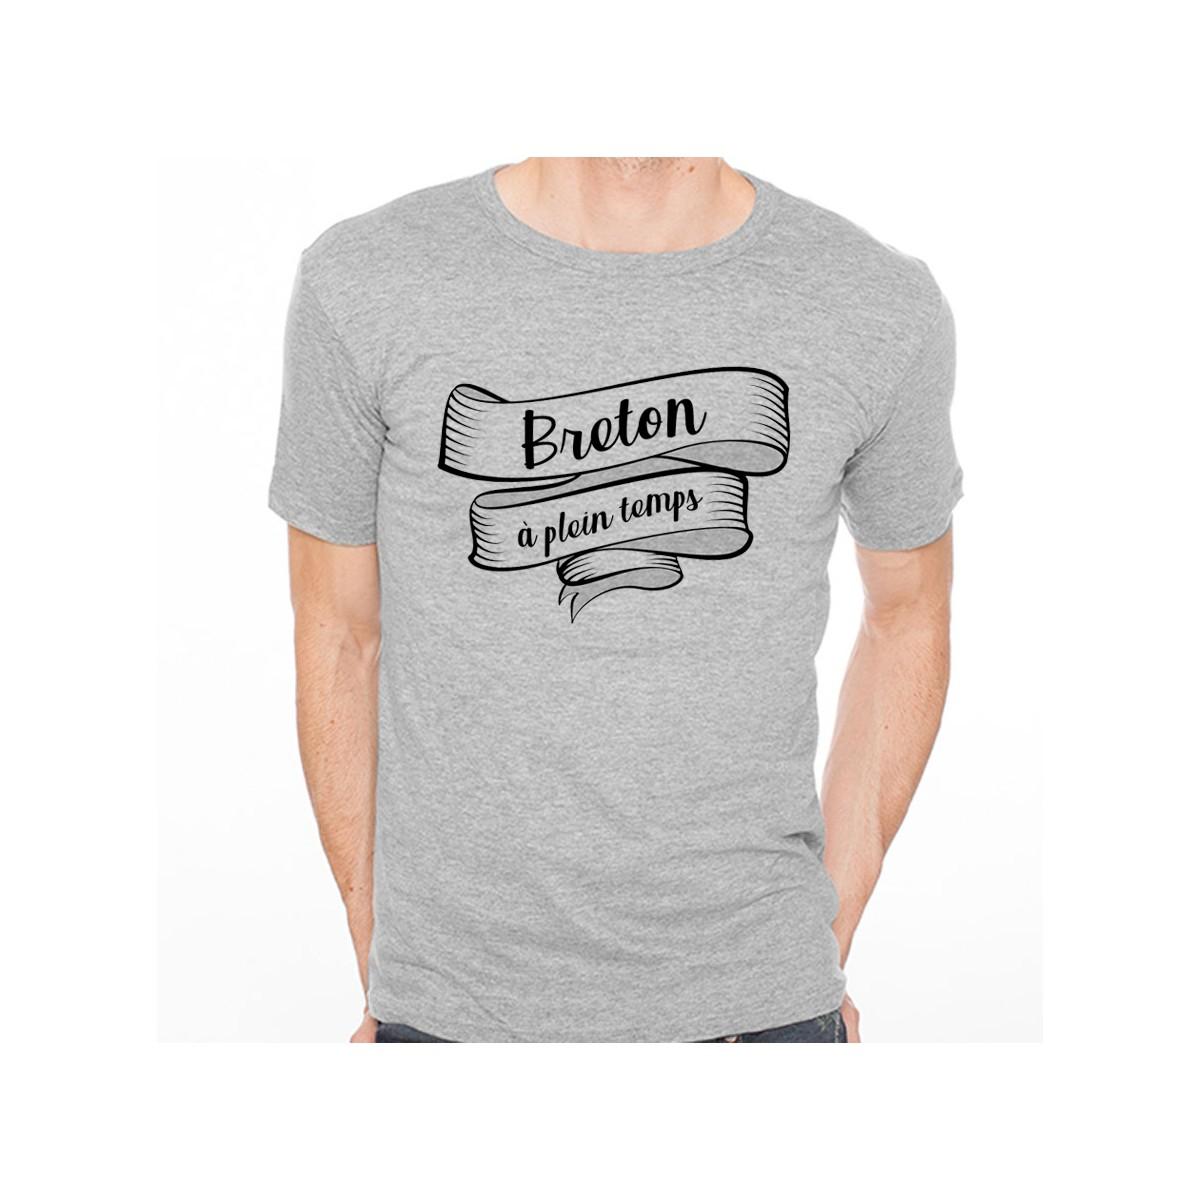 T-shirt Breton à plein temps